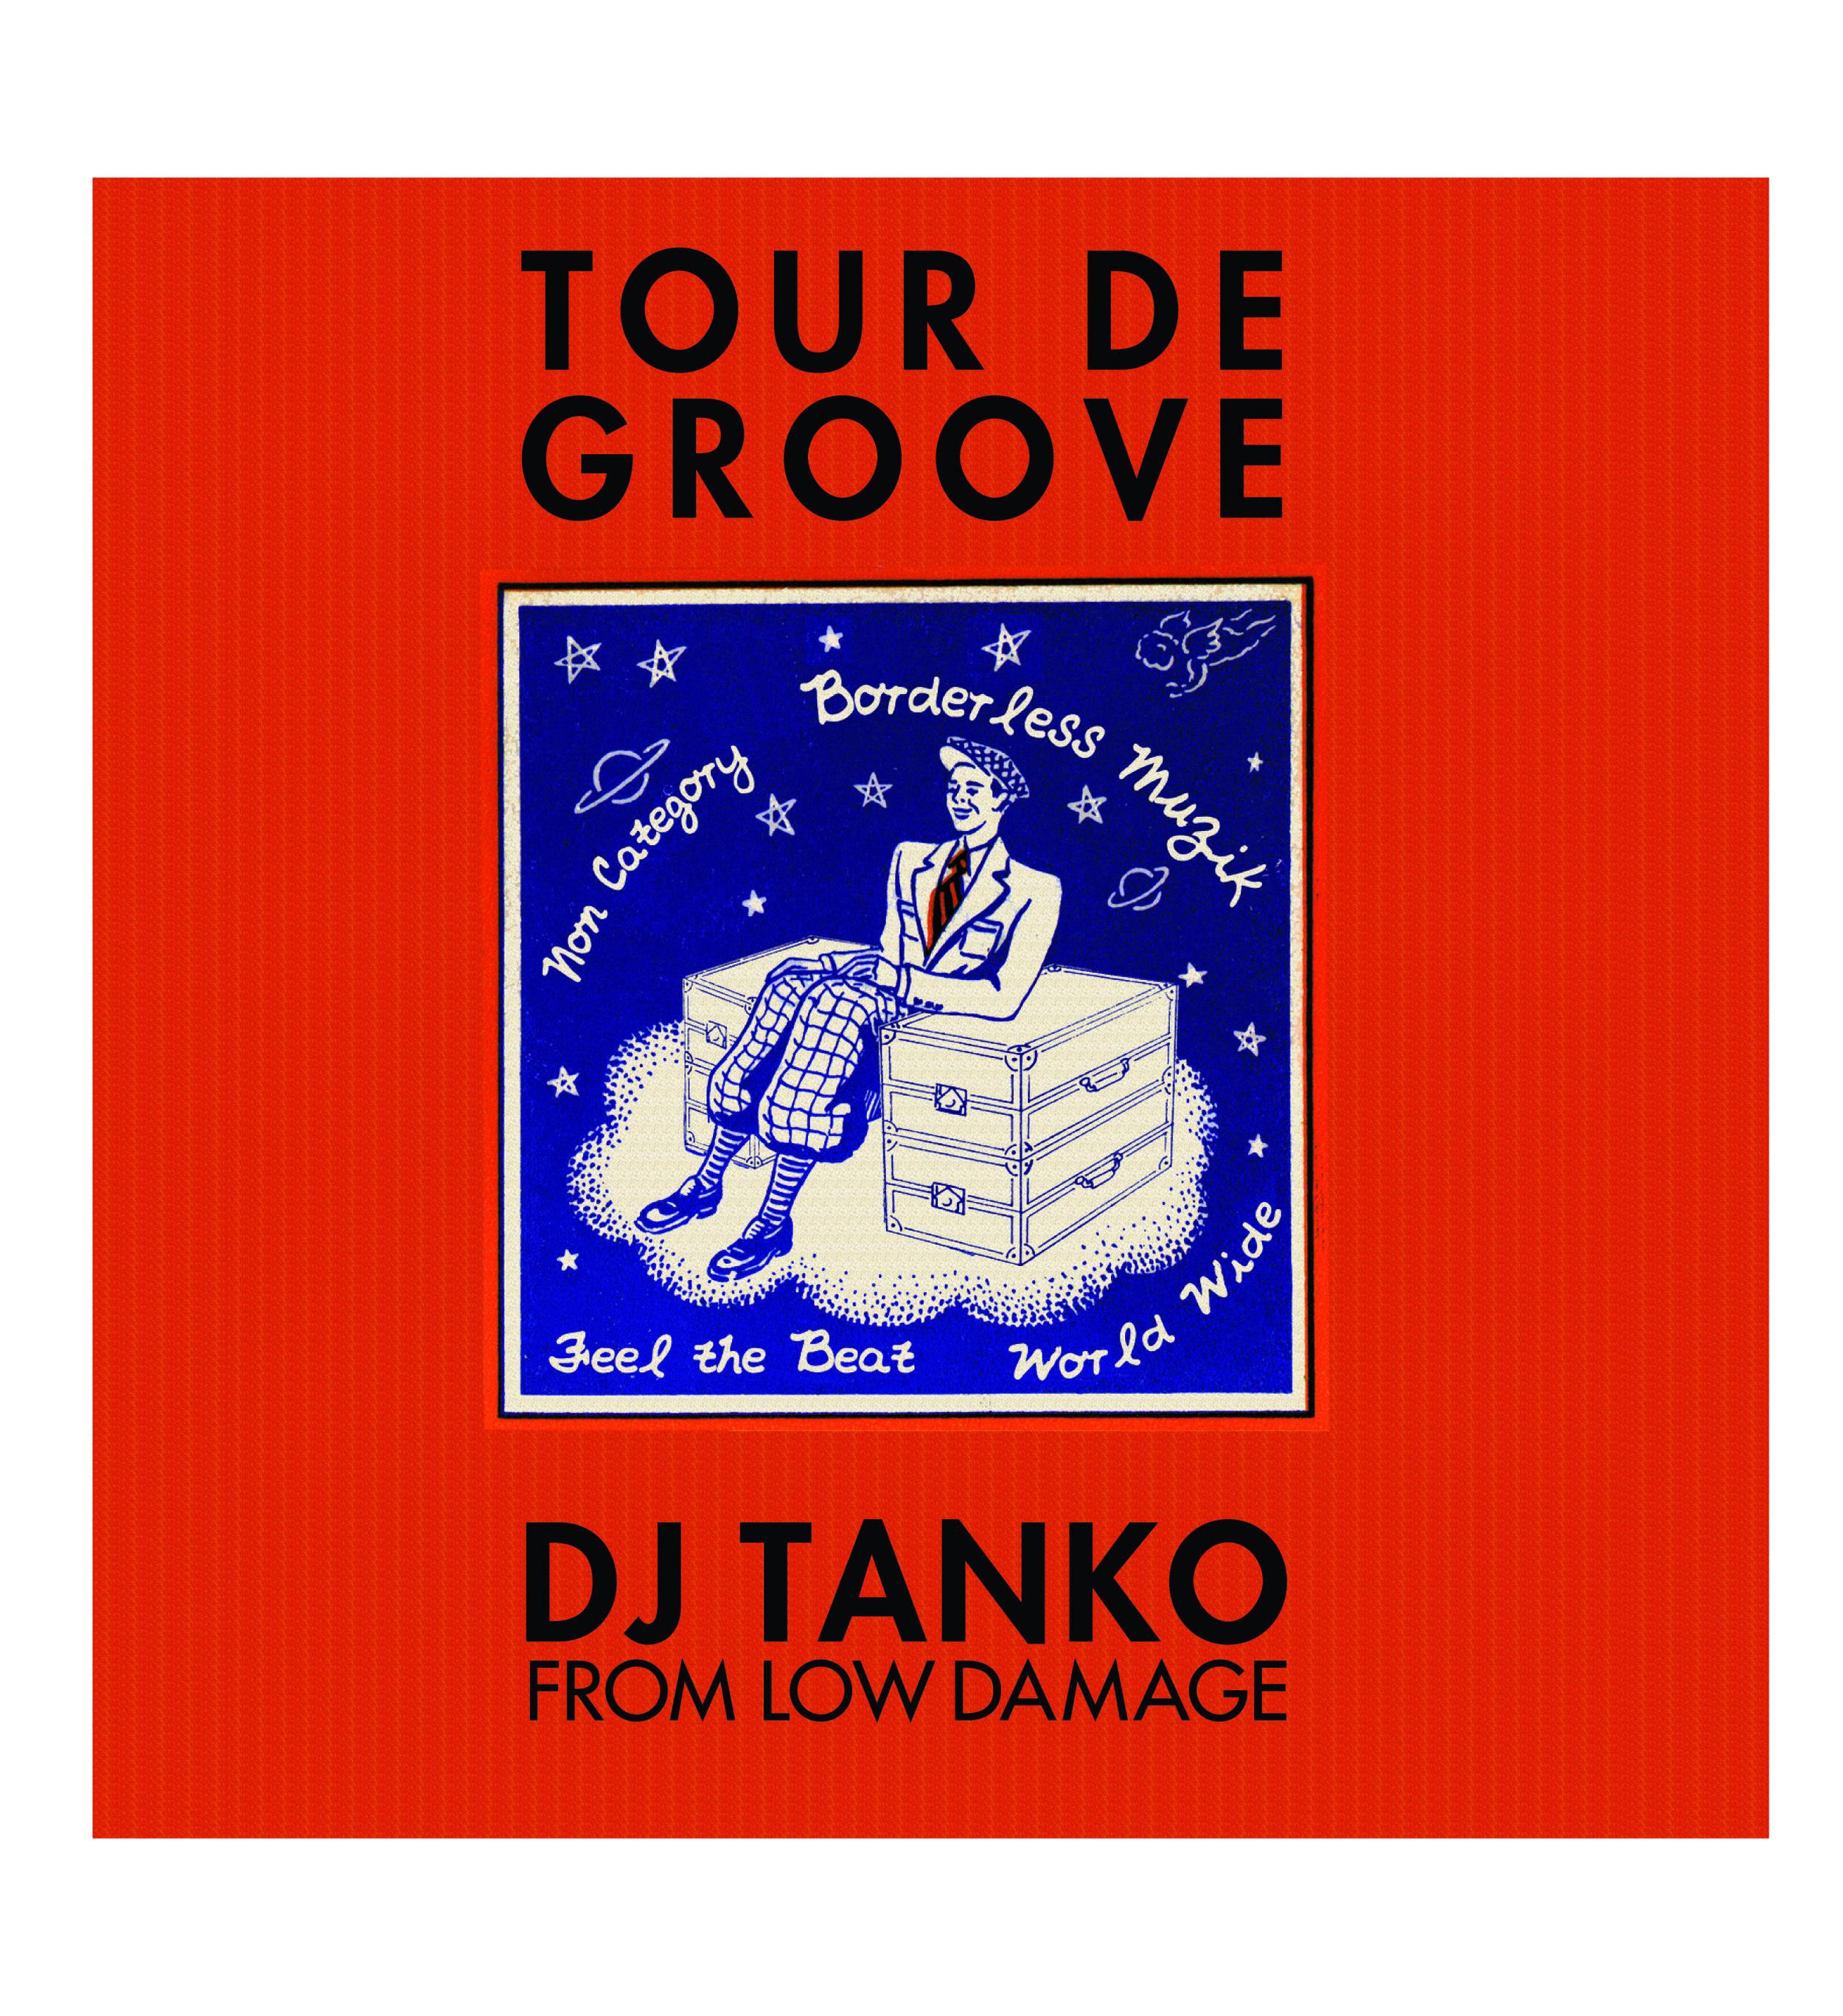 TOUR DE GROOVE - A.jpg